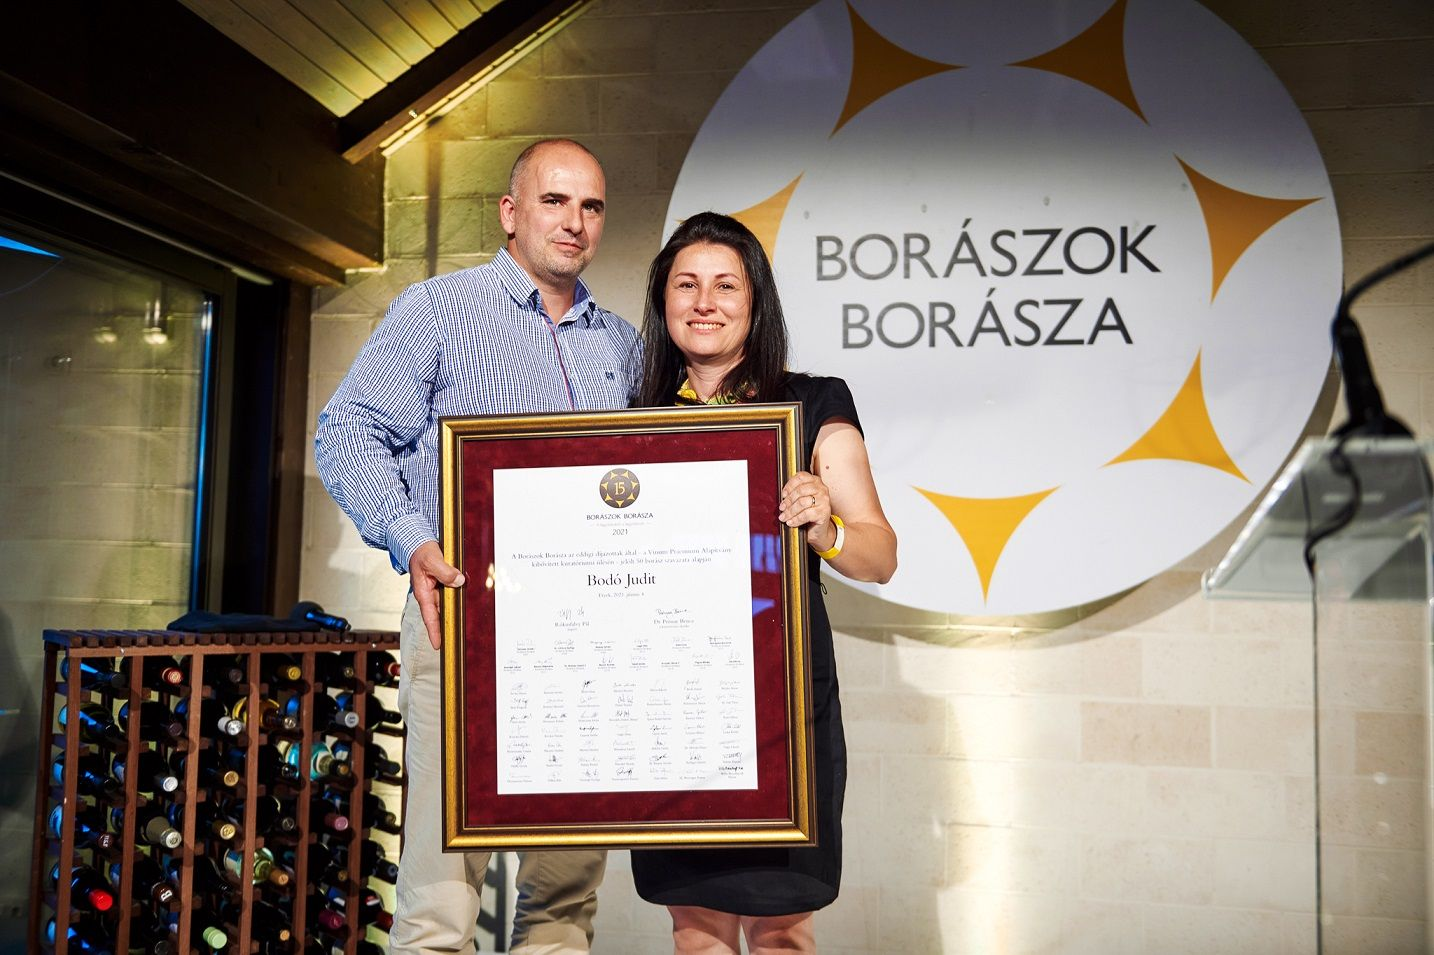 Judit Bodó, Winemaker of the Winemakers